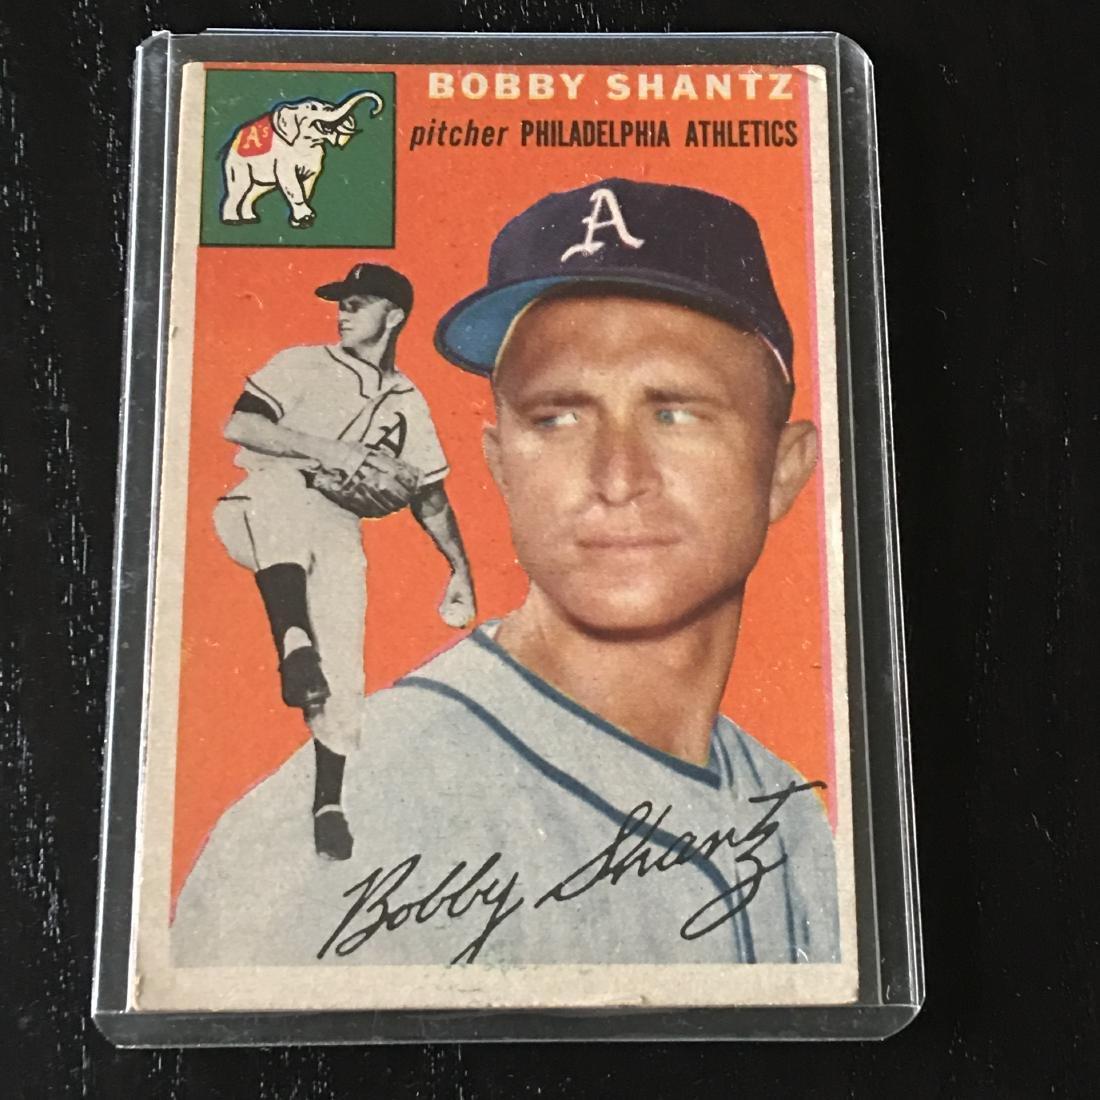 1954 Topps Baseball Card Bobby Shantz 21 Apr 07 2019